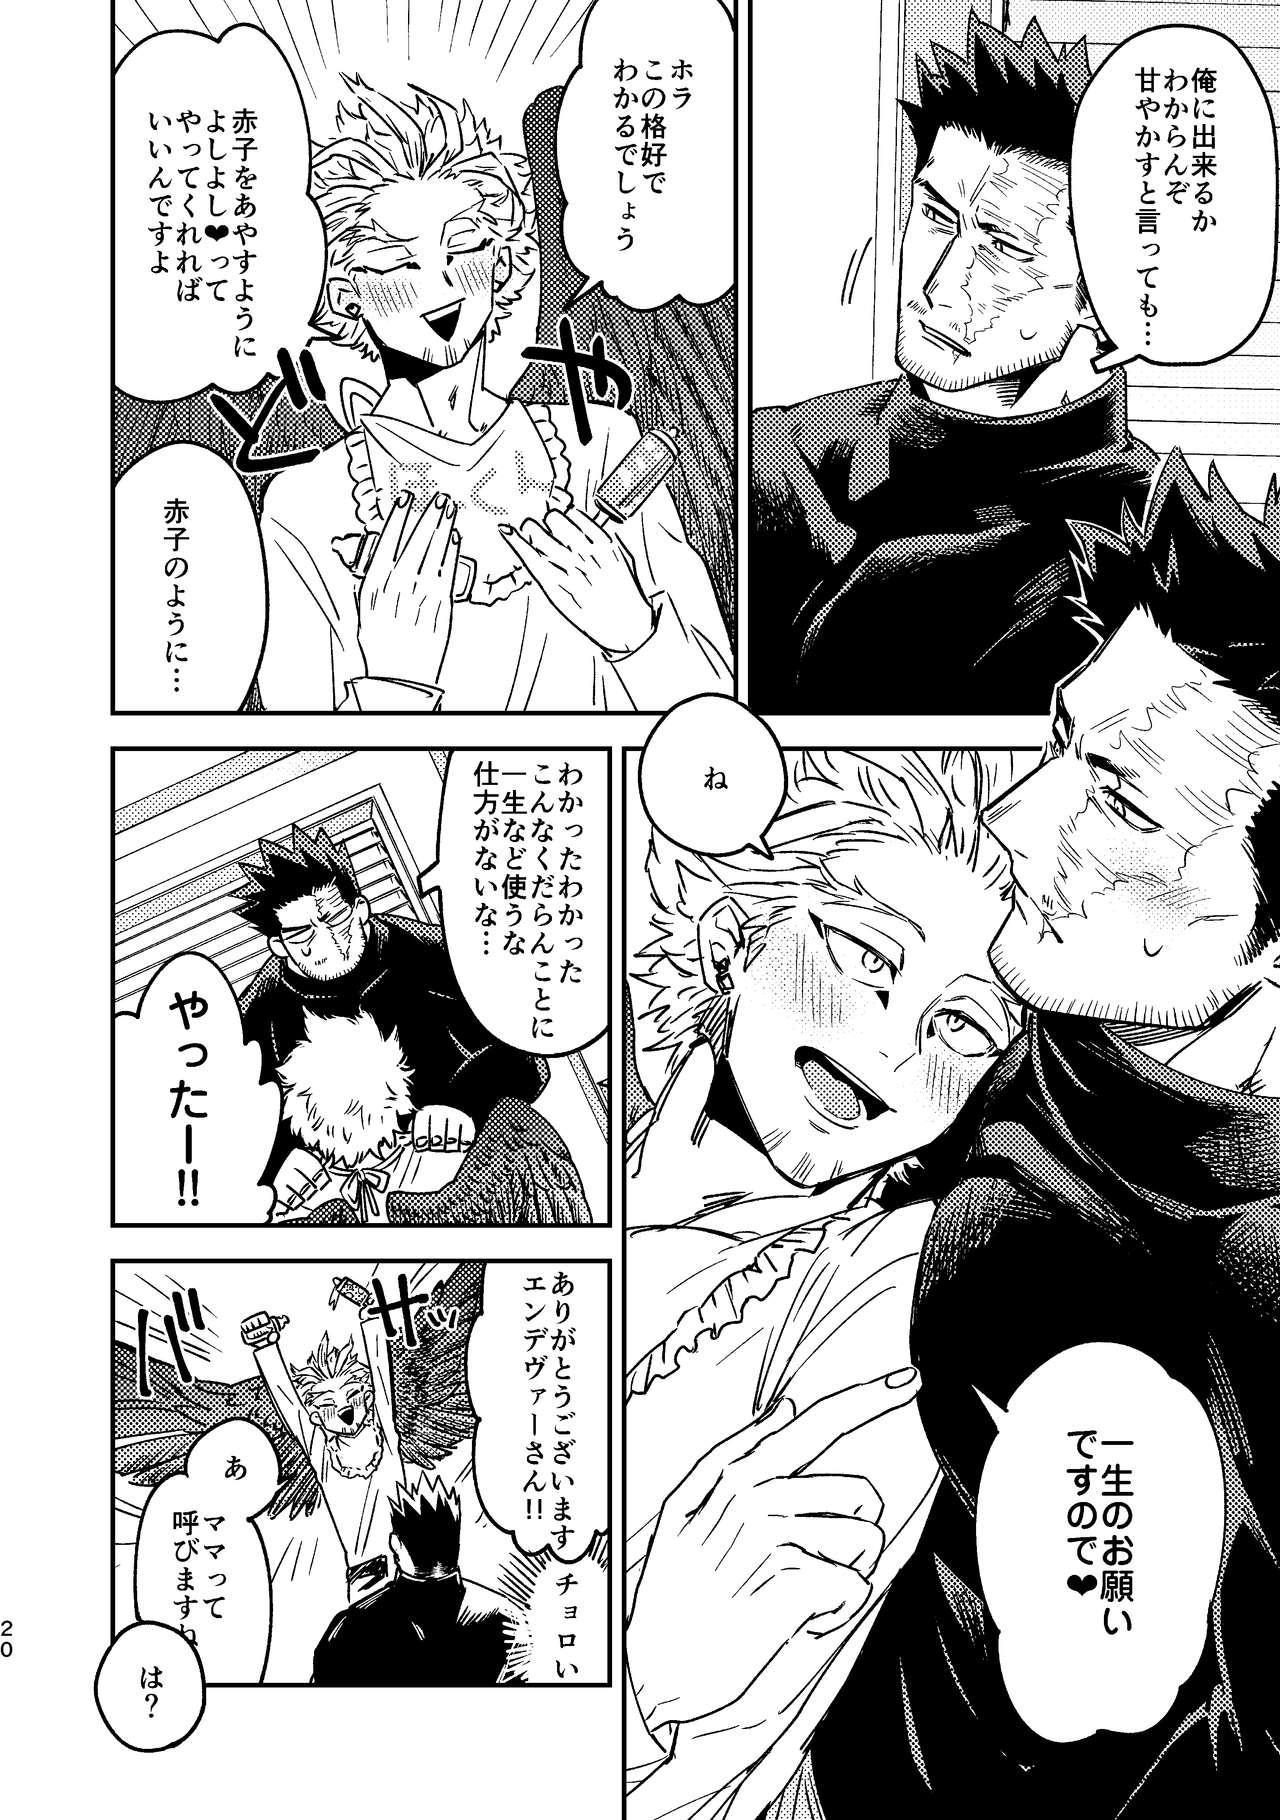 WEB Sairoku Zumi HawEn Manga ga Kami demo Yomeru Hon. 19